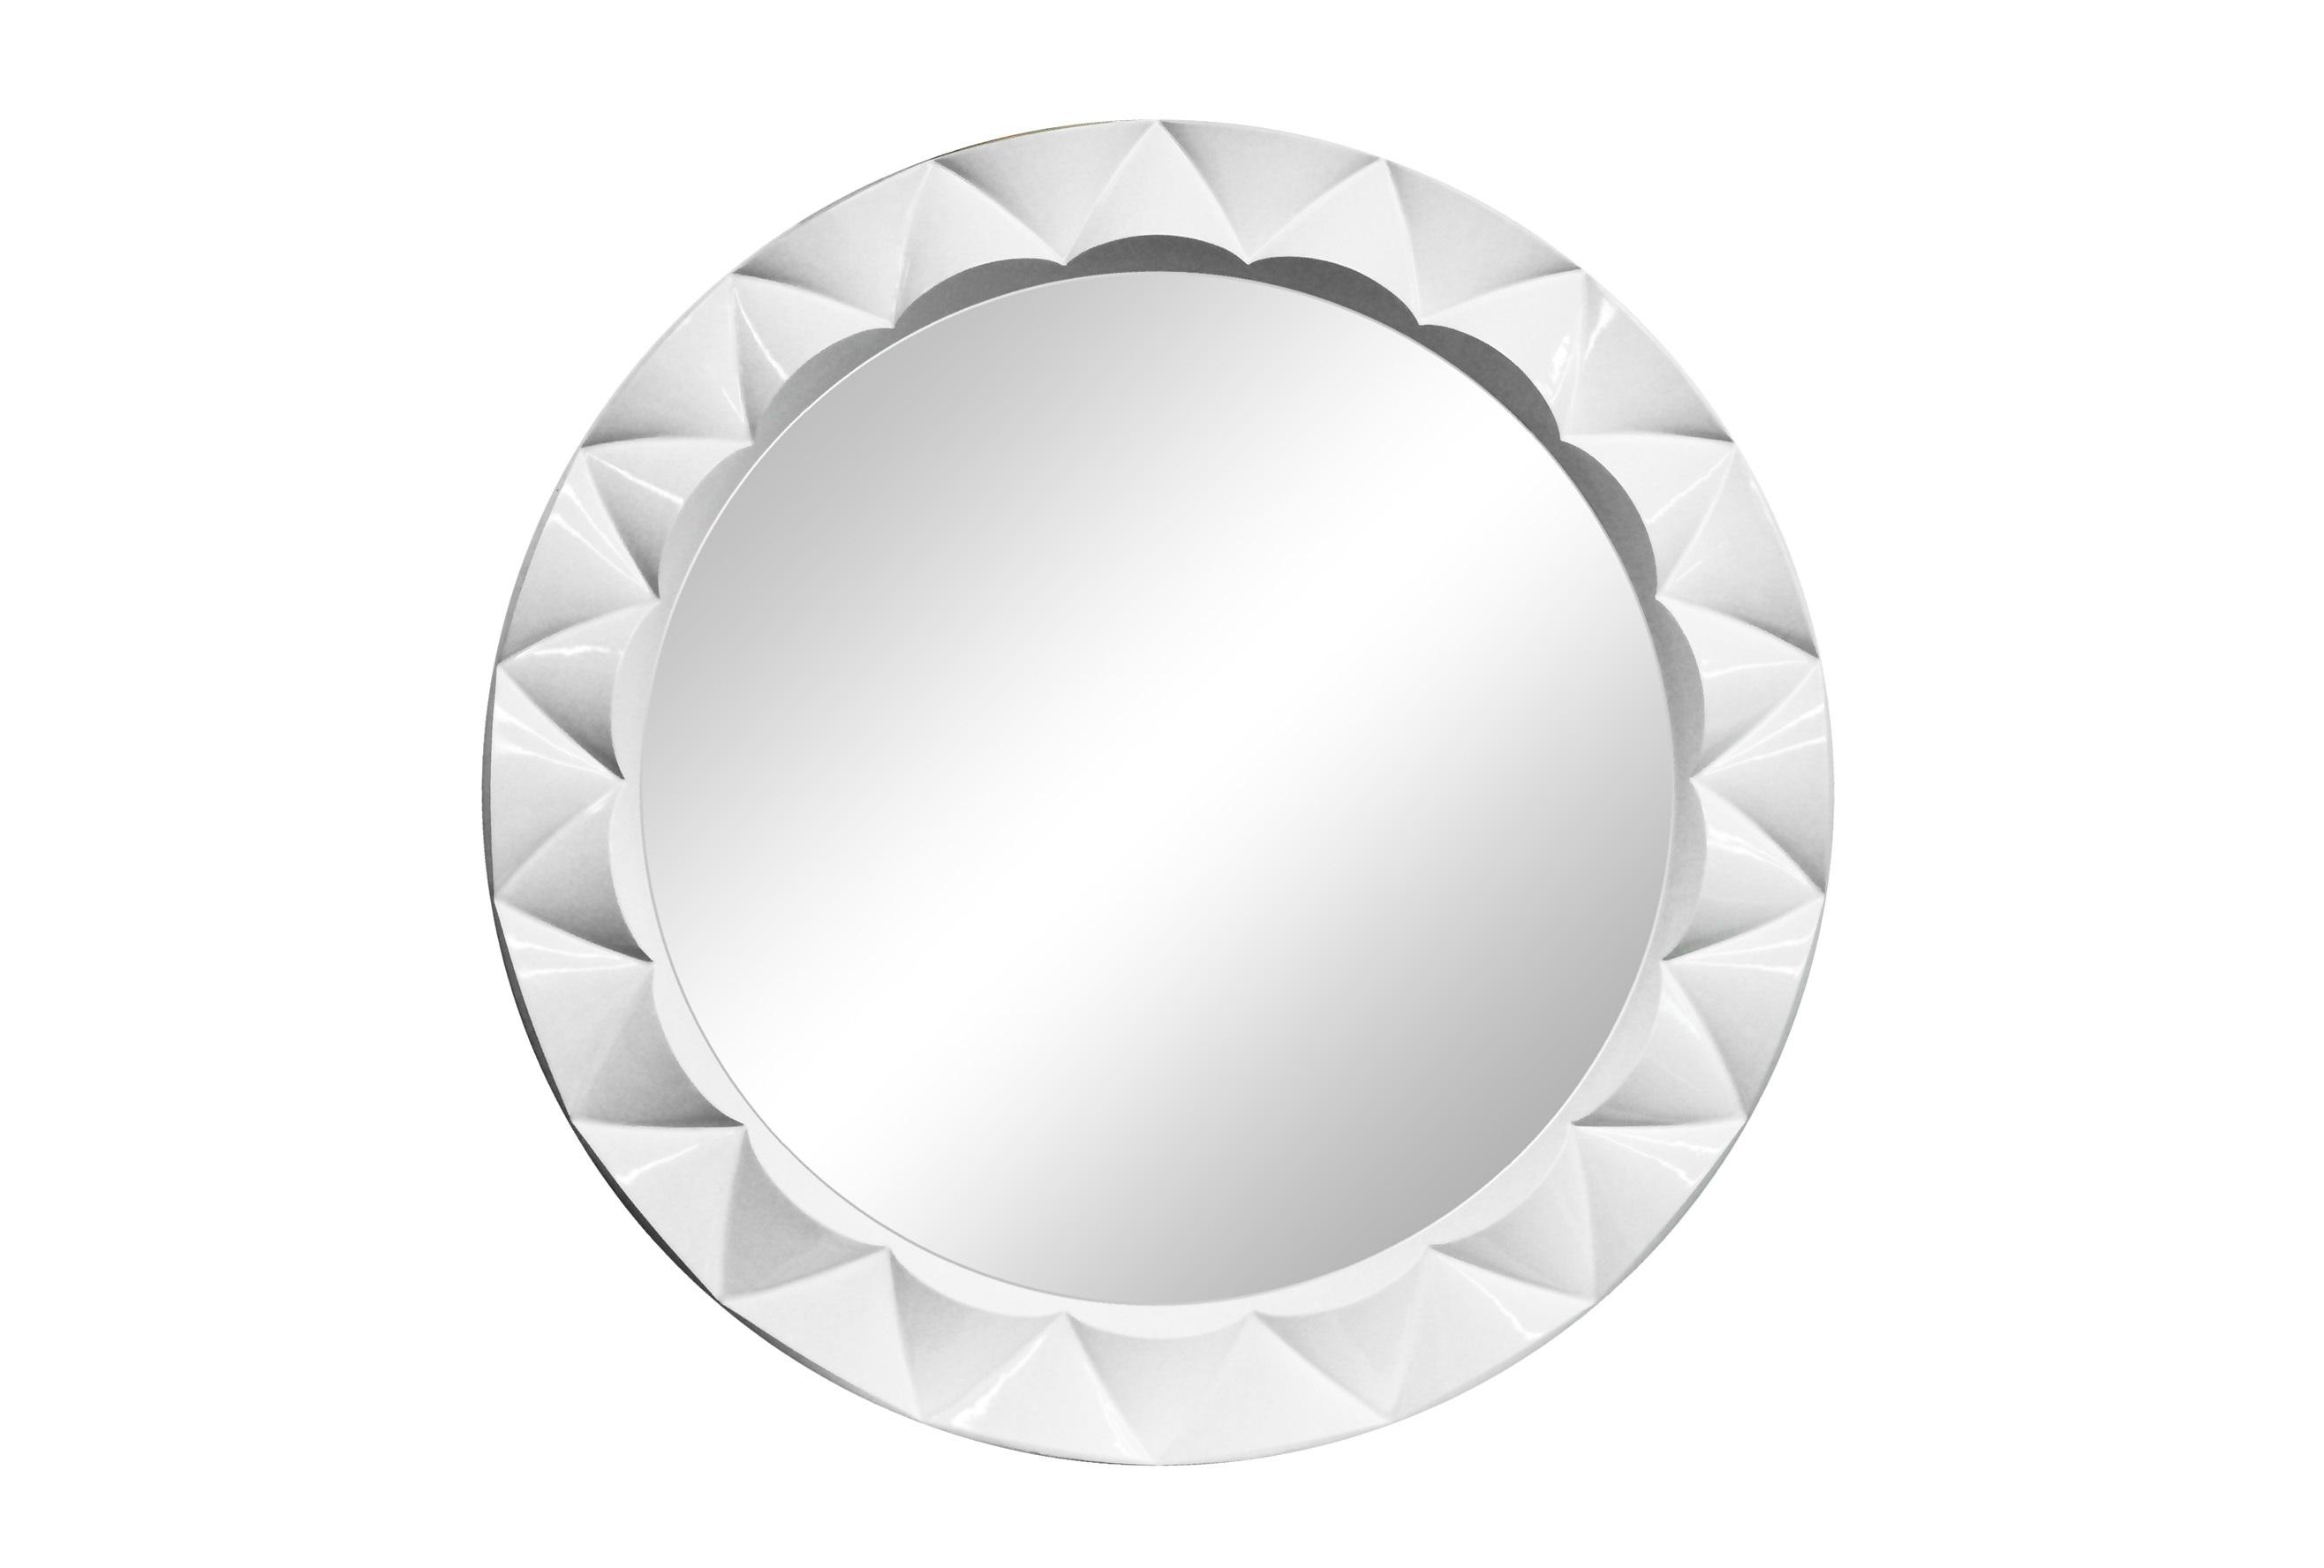 Зеркало ЭтерноНастенные зеркала<br><br><br>Material: Стекло<br>Глубина см: 4